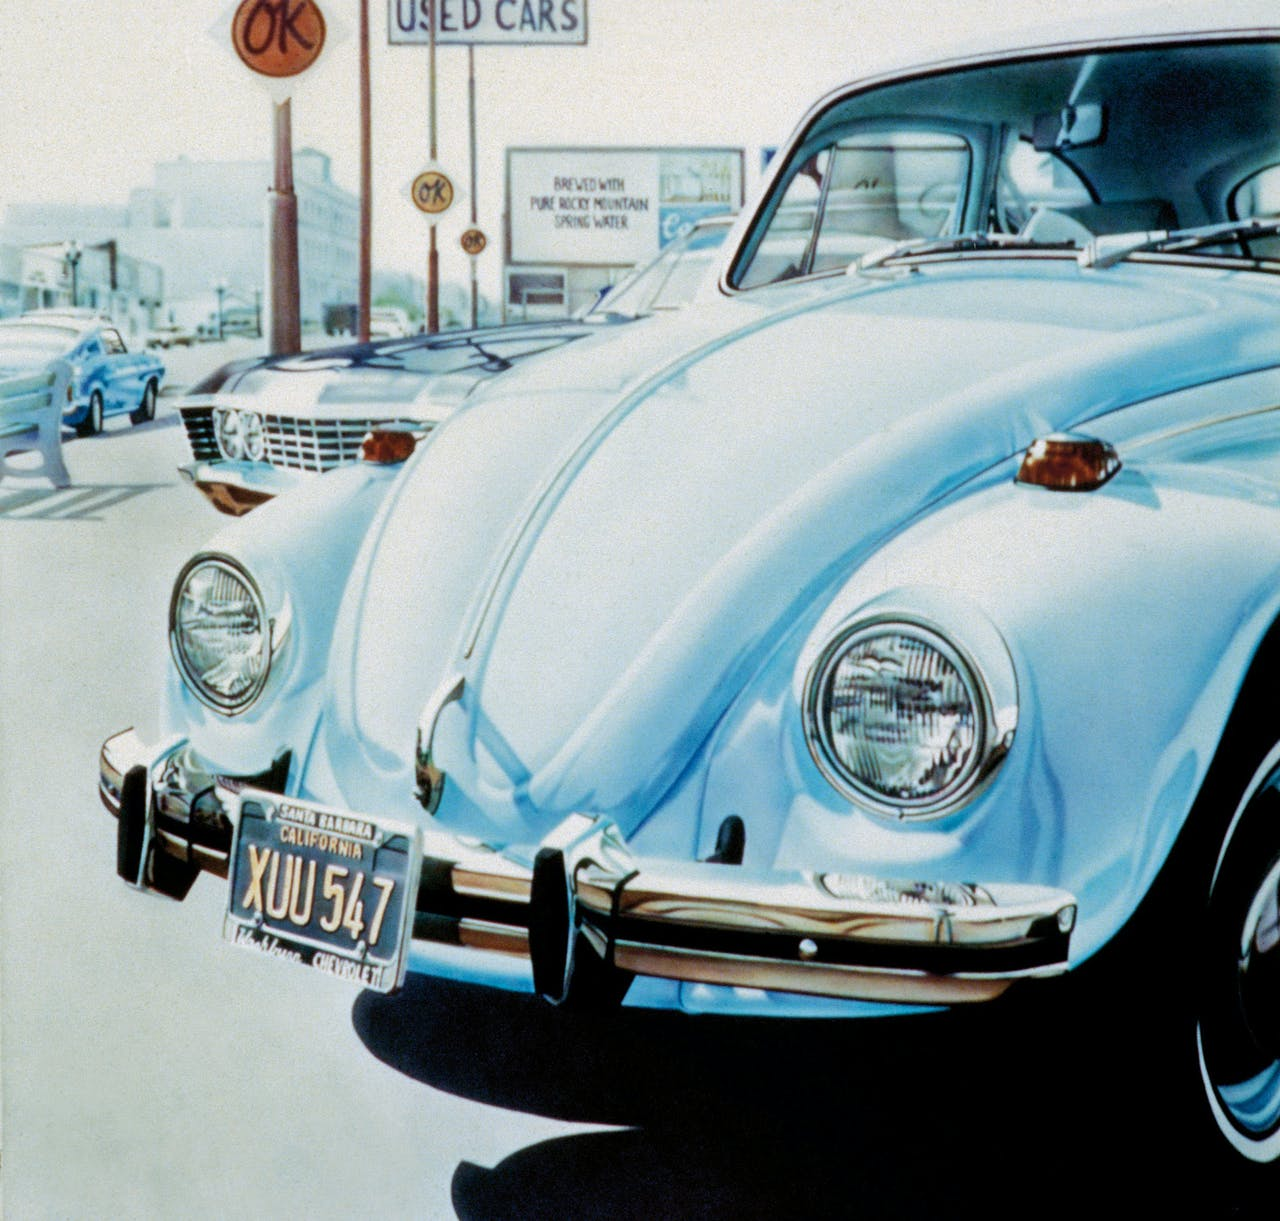 Don Eddy: 'Volkswagen and OK used cars', 1971. Werk van Eddy is volgende maand te zien in de Kunsthal.